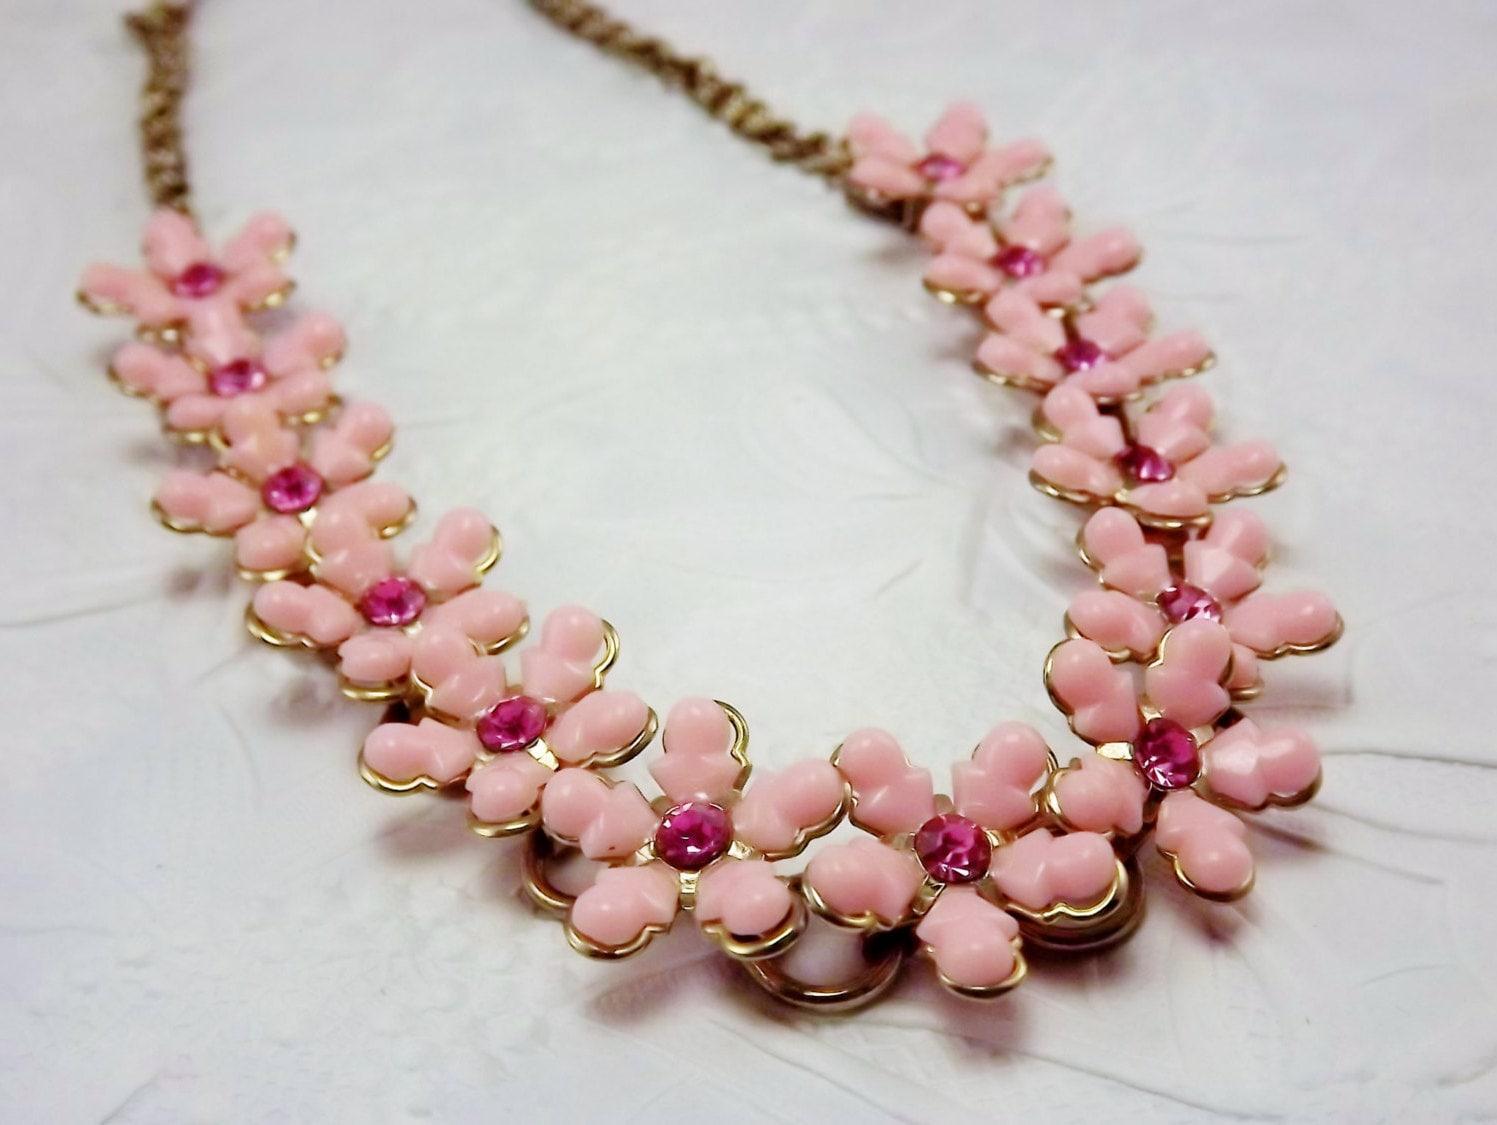 Pink Flower Necklace Statement Necklace Rhinestone Flower